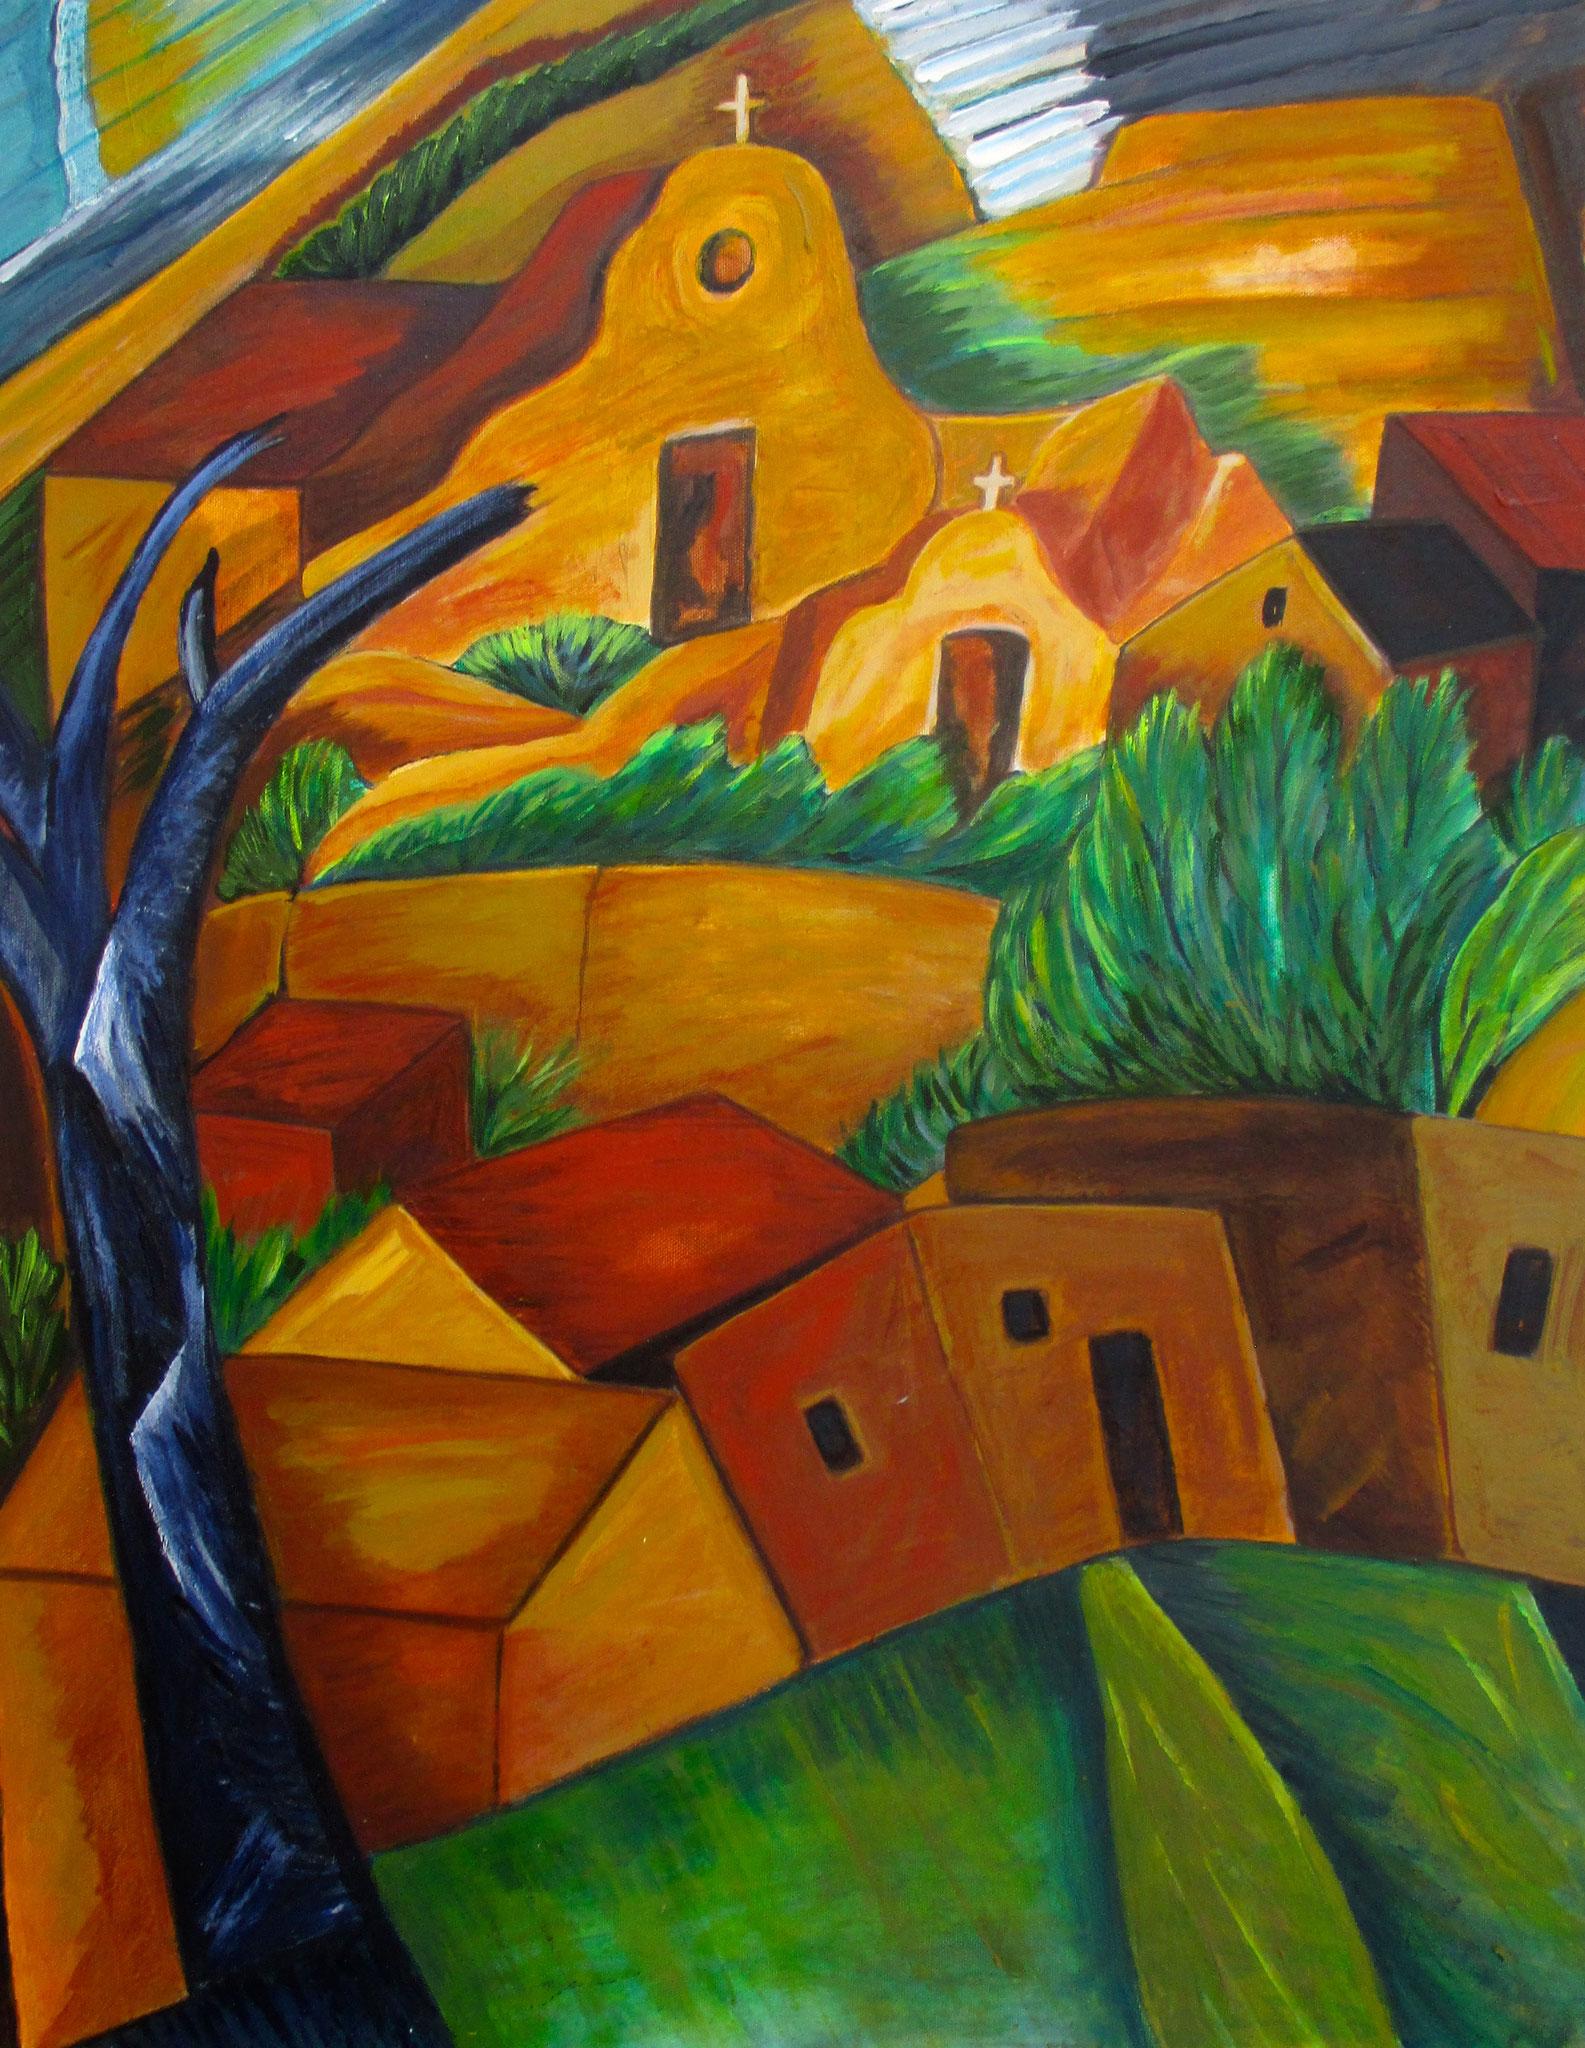 High Desert Village, oil on canvas, 22 x 28